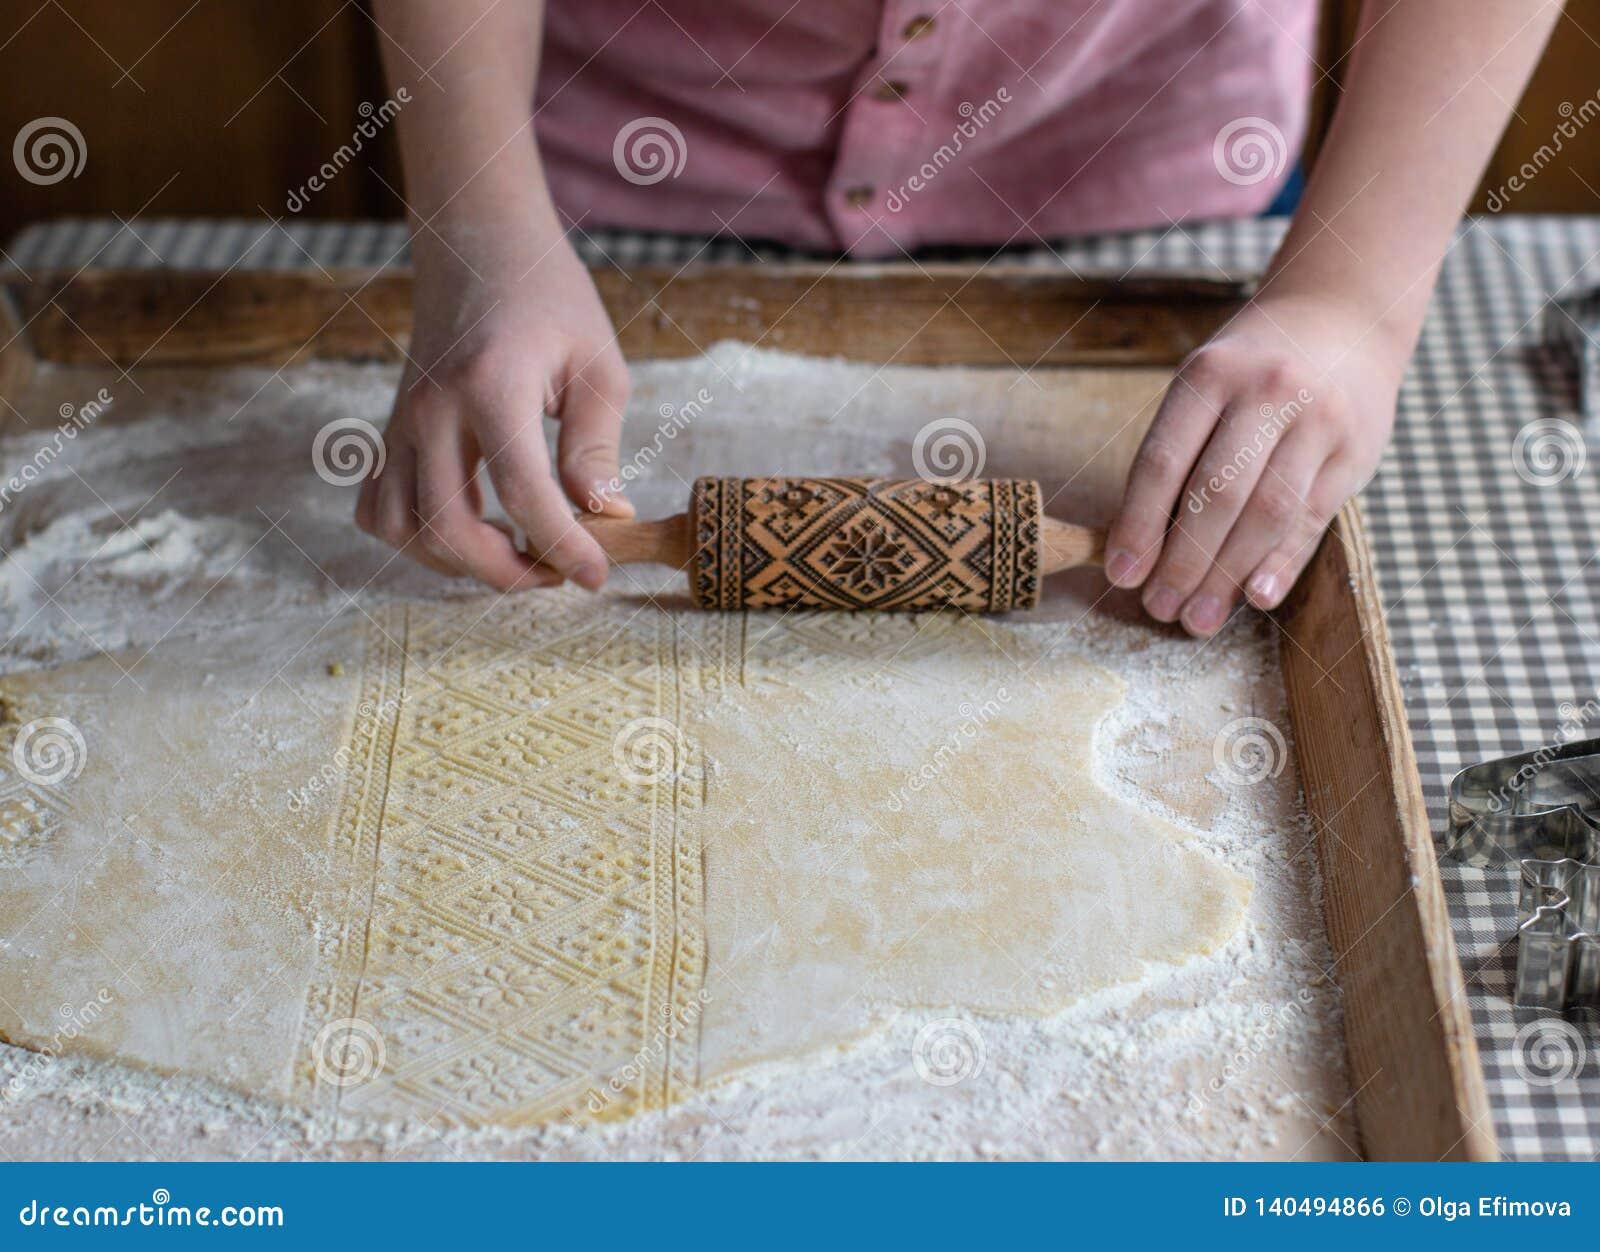 Manos que ruedan la pasta con un rodillo de grabación en relieve, en un fondo de madera